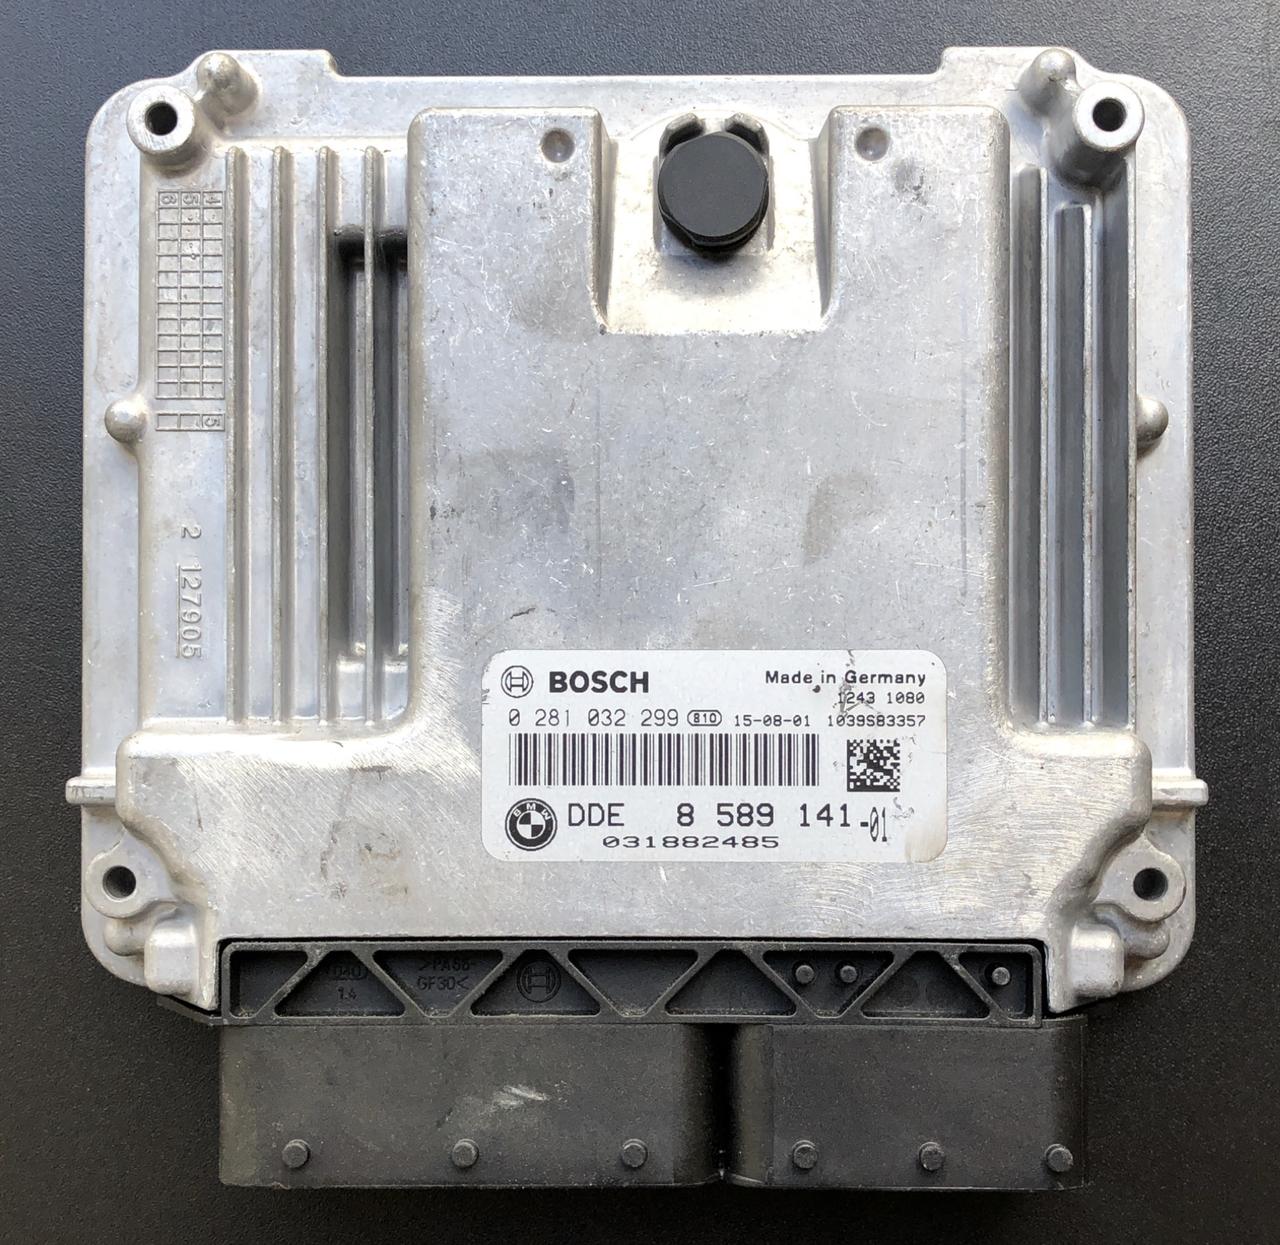 Plug & Play Bosch Engine ECU, BMW/Mini, 0281032299, 0 281 032 299,  DDE8589141, DDE 8 589 141